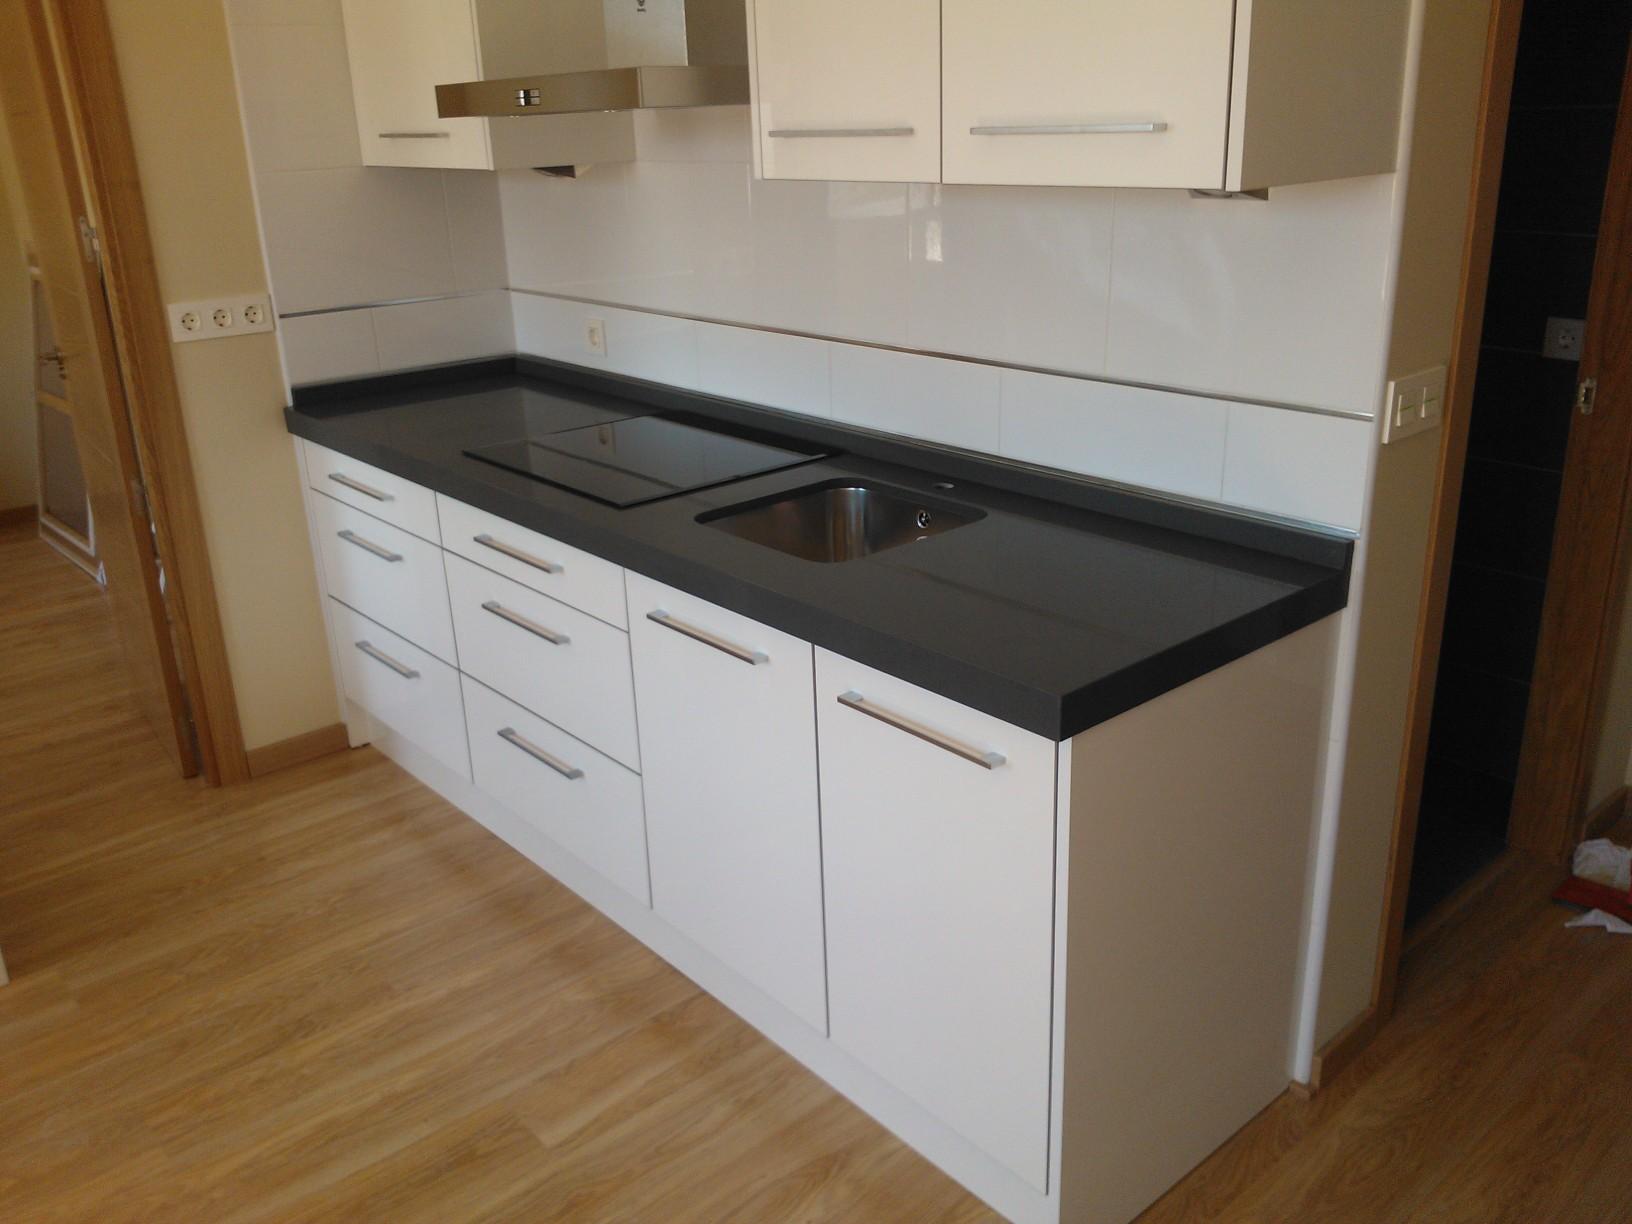 Encimeras de cocina de granito finest disfrute en casa de for Granito o silestone para cocinas